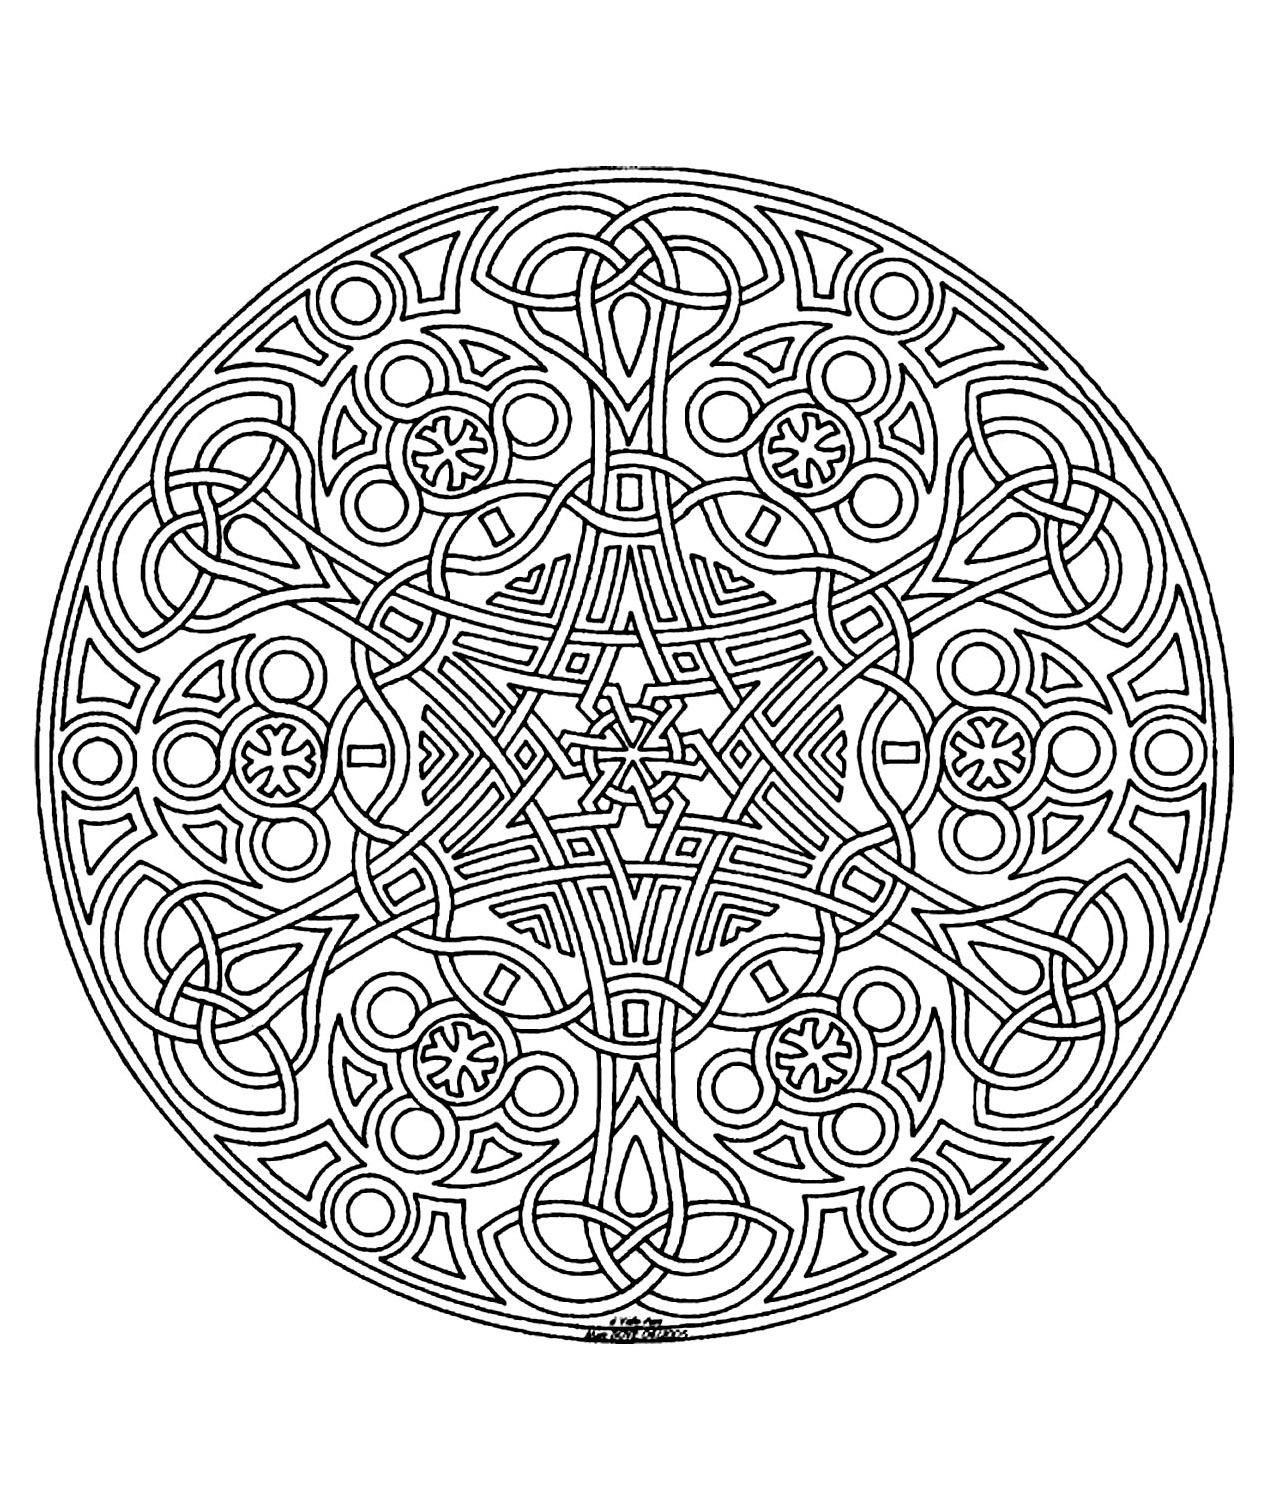 Mandala a colorier adulte difficile 8 Imprimer